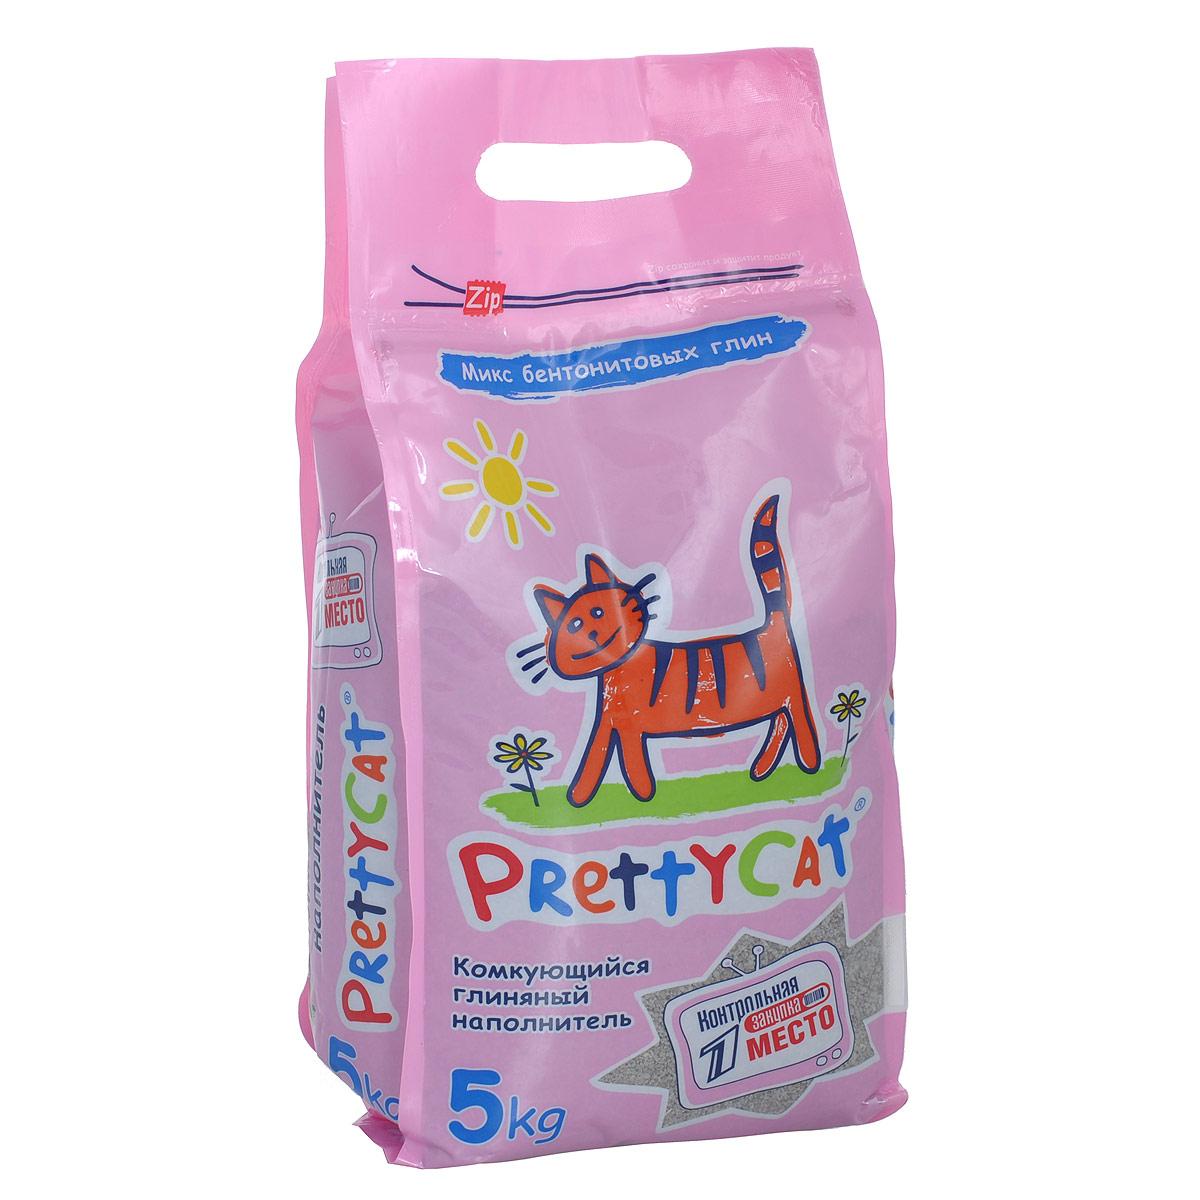 Наполнитель для кошачьих туалетов PrettyCat Euro Mix, комкующийся, 5 кг. 620291620086Наполнитель для кошачьих туалетов PrettyCat Euro Mix - это 100% натуральный комкующийся наполнитель. Изготовлен из запатентованной смеси бентонитовых глин двух лучших месторождений европейского качества. Идеально впитывает влагу, прекрасно комкается в идеально ровные шарики. Уничтожает запахи и обеспечивает двойное обеспыливание. Не содержит ароматизаторов и пыли. Антибактериален. Небольшой размер гранул идеально подходит для котят и их нежных лапок.